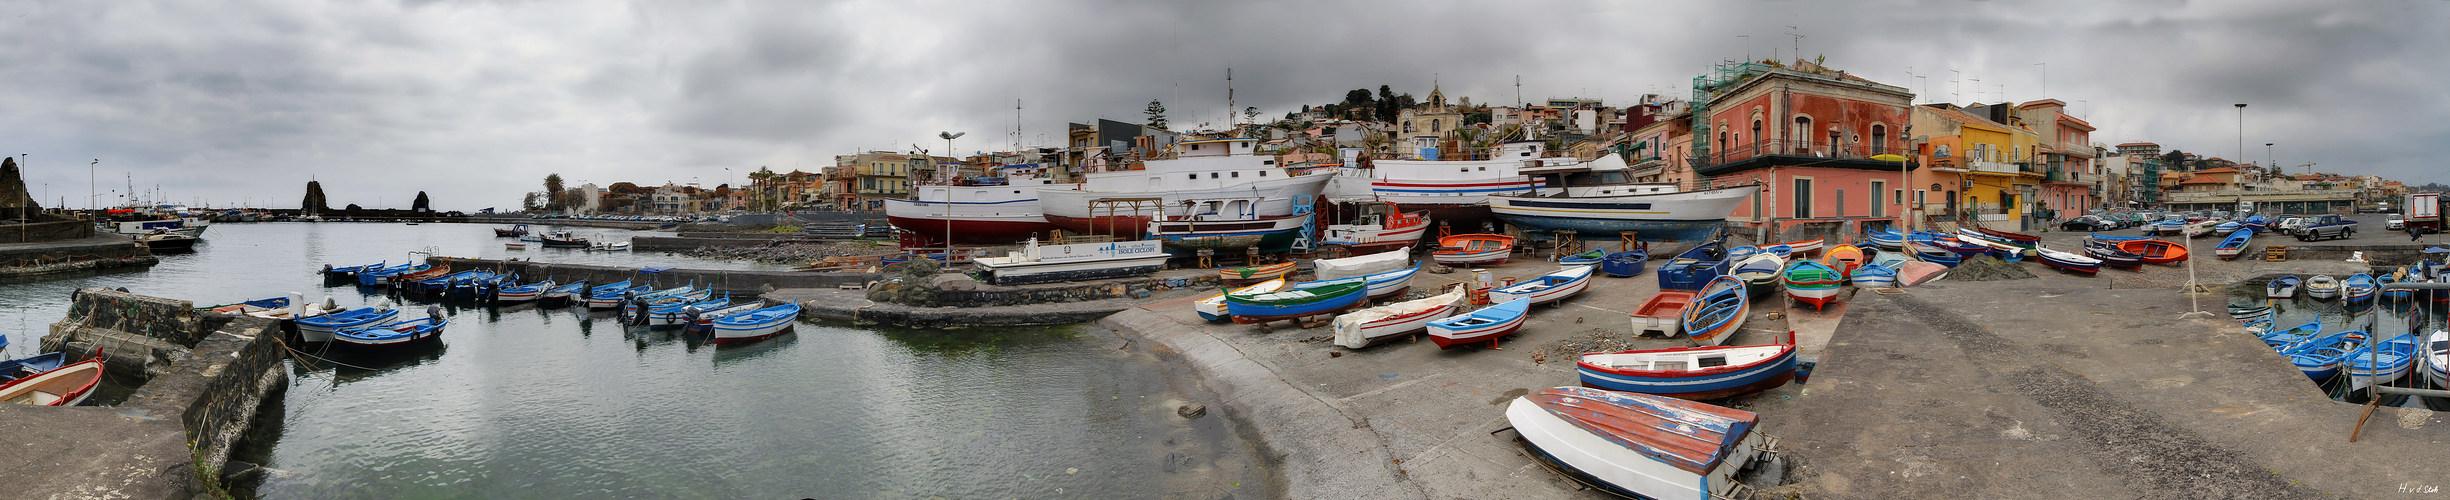 Hafen von Aci Trezza